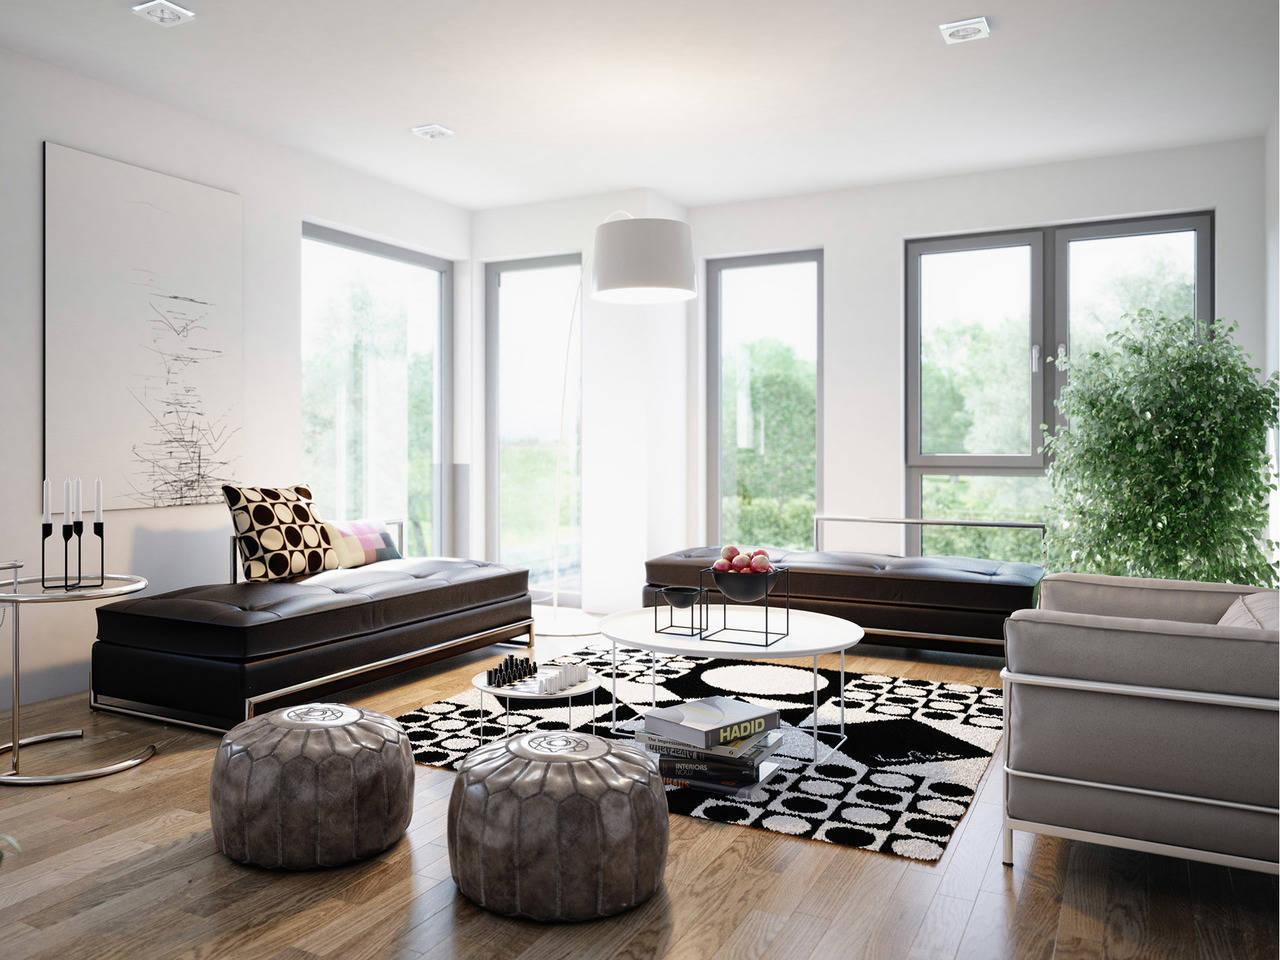 Haus SOLUTION 151 V6 Wohnzimmer von Living Haus